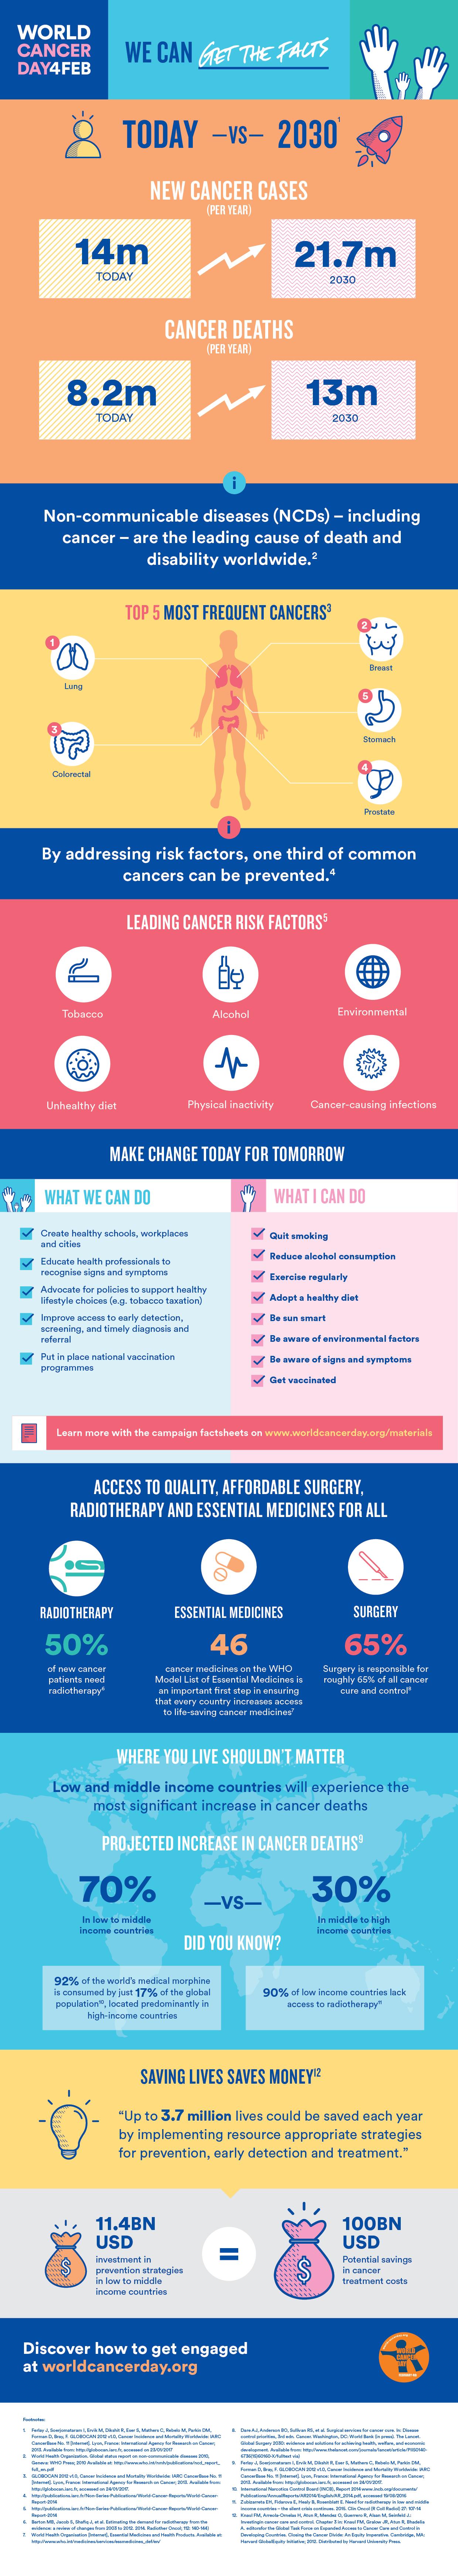 4 февраля: Всемирный день борьбы против рака